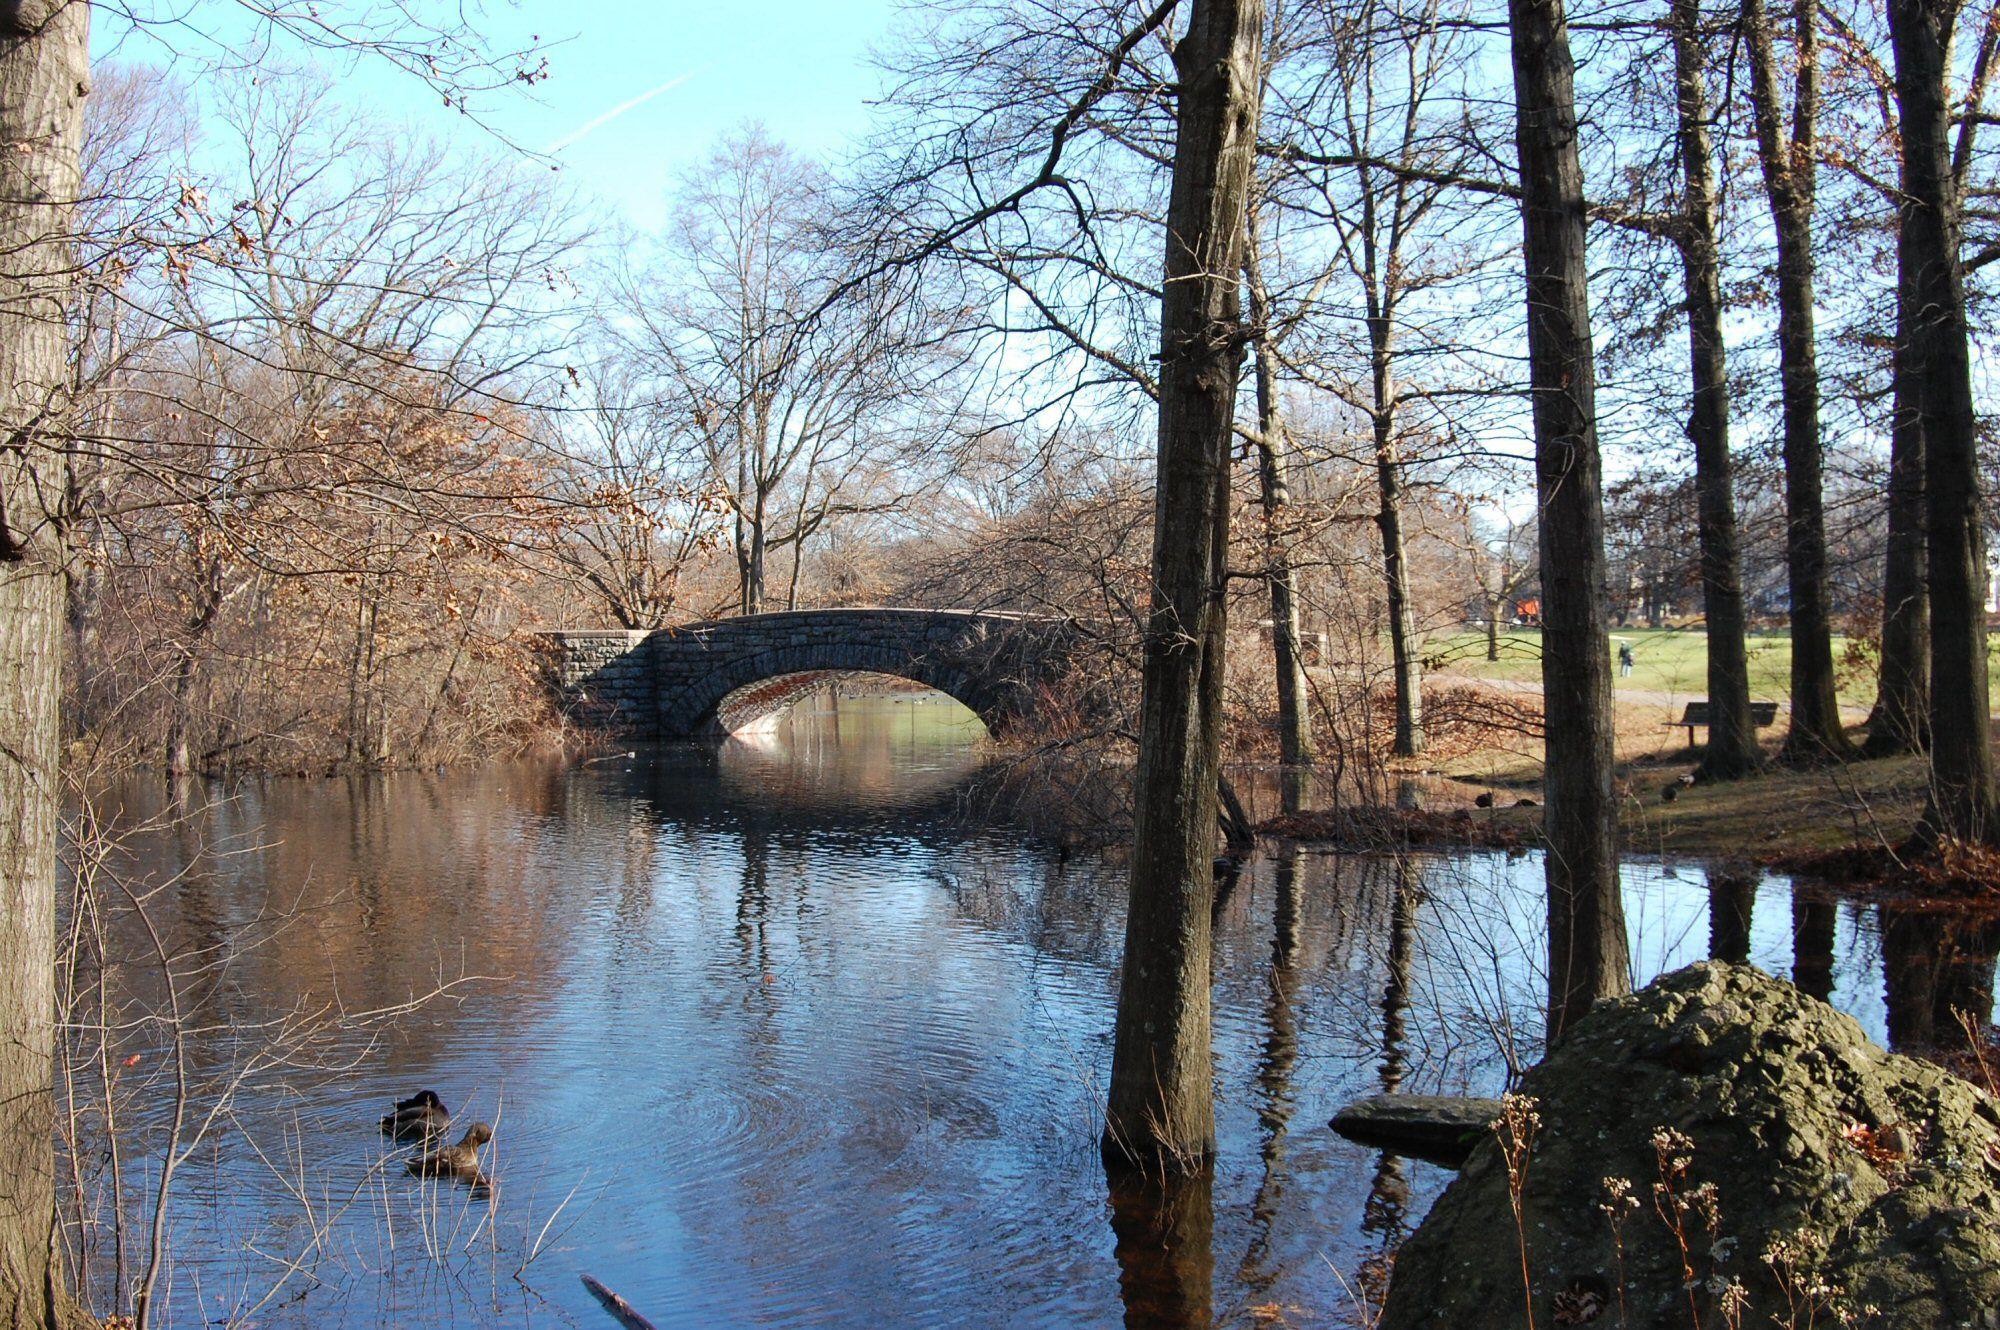 Φωτογραφία από πέτρινη γέφυρα πάνω από μια ήσυχη λίμνη σε ένα δημόσιο γήπεδο γκολφ.